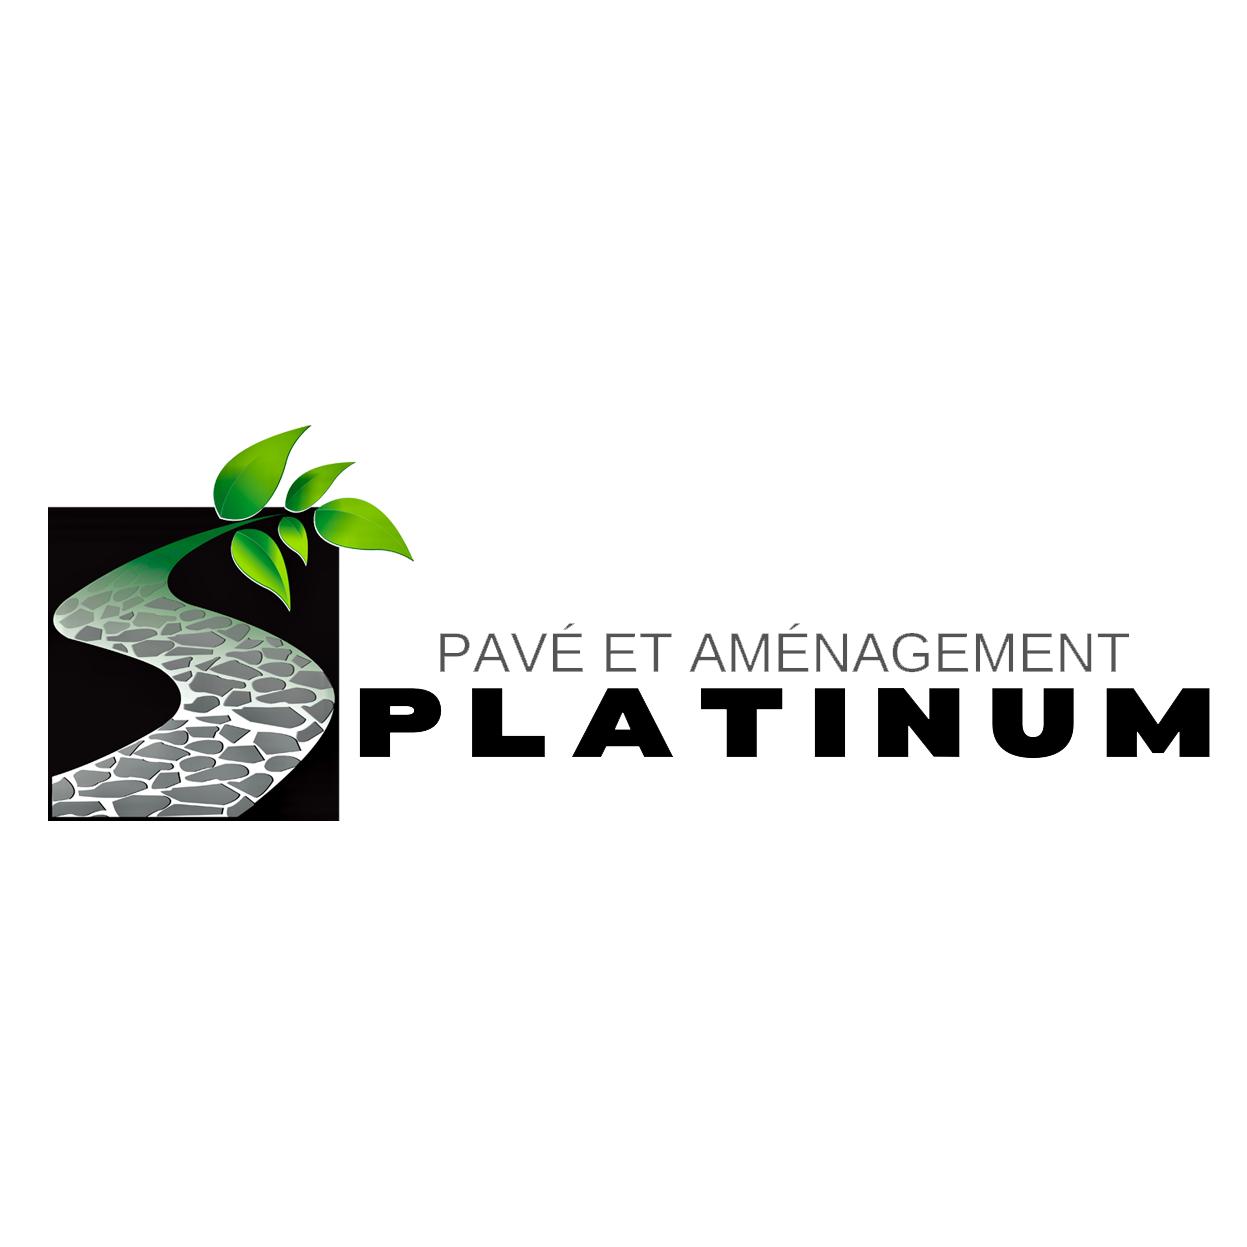 Pavé et Aménagement Platinum